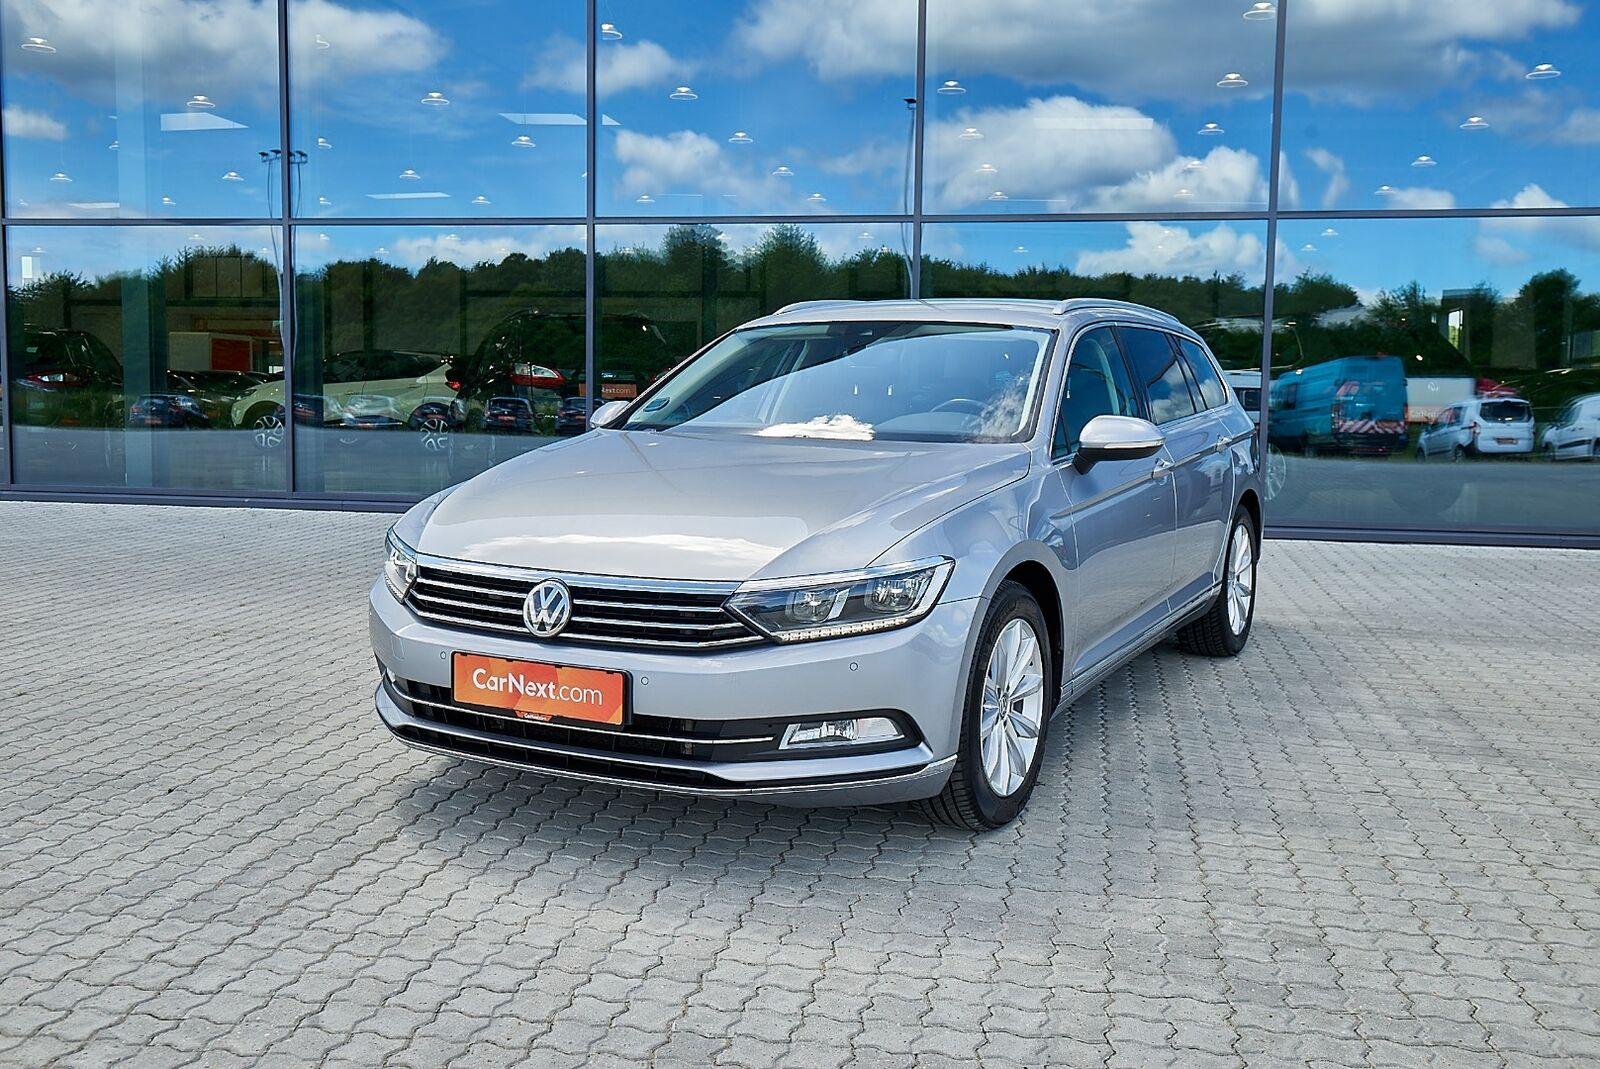 VW Passat 2,0 TDi 150 Highl. Prem. Vari. DSG 5d - 259.900 kr.